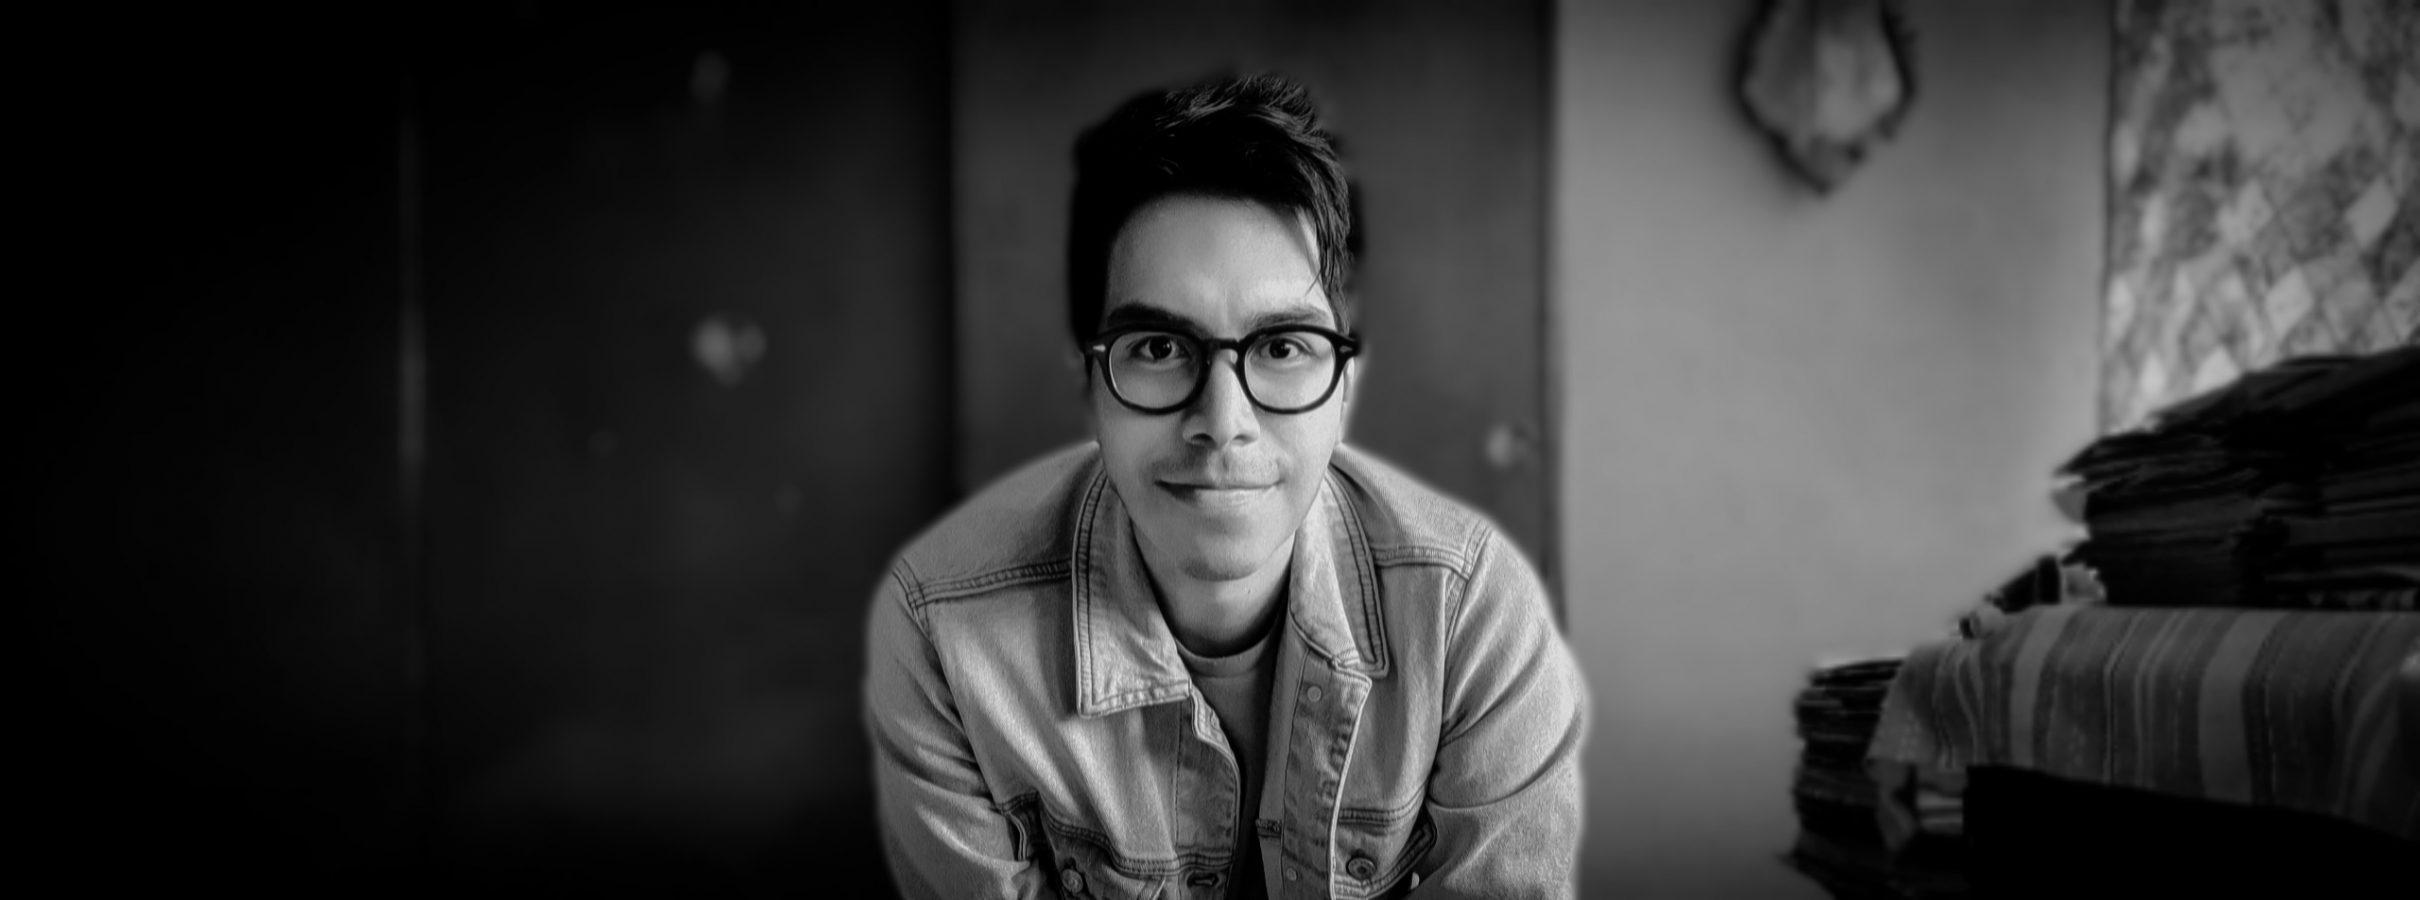 Juan David Contreras. Diseñador y Humanista.